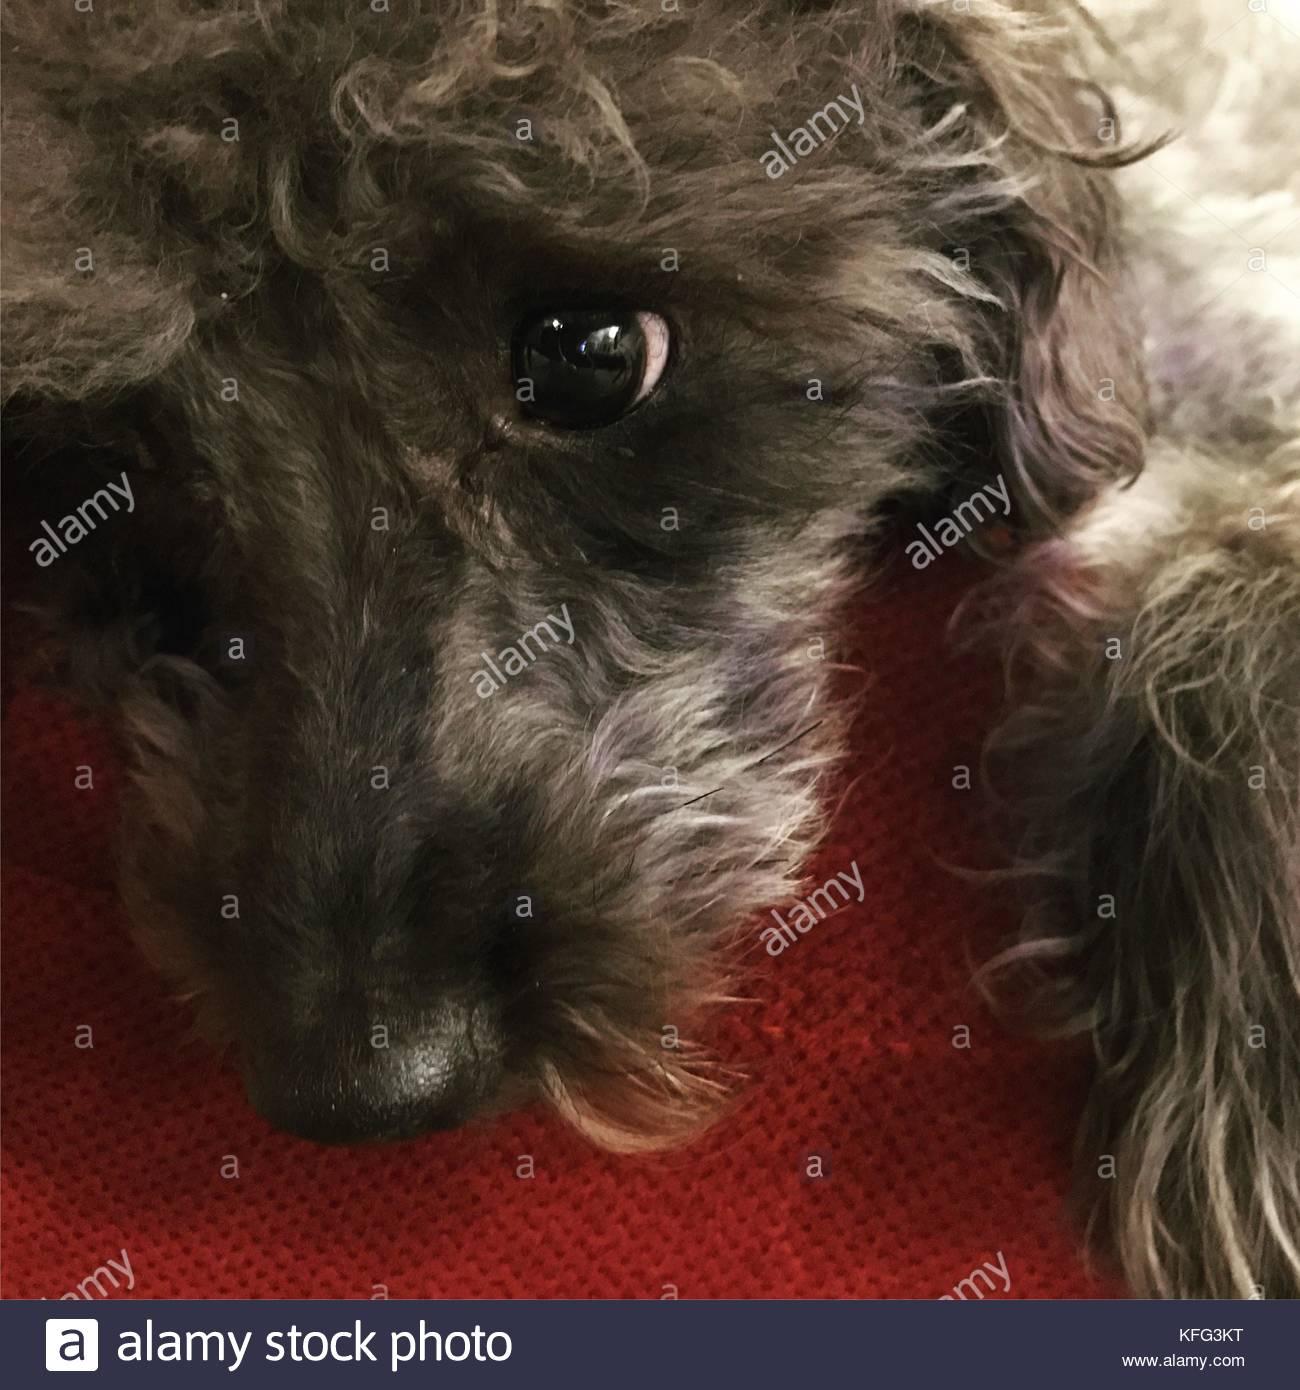 Dog with sad eyes. - Stock Image